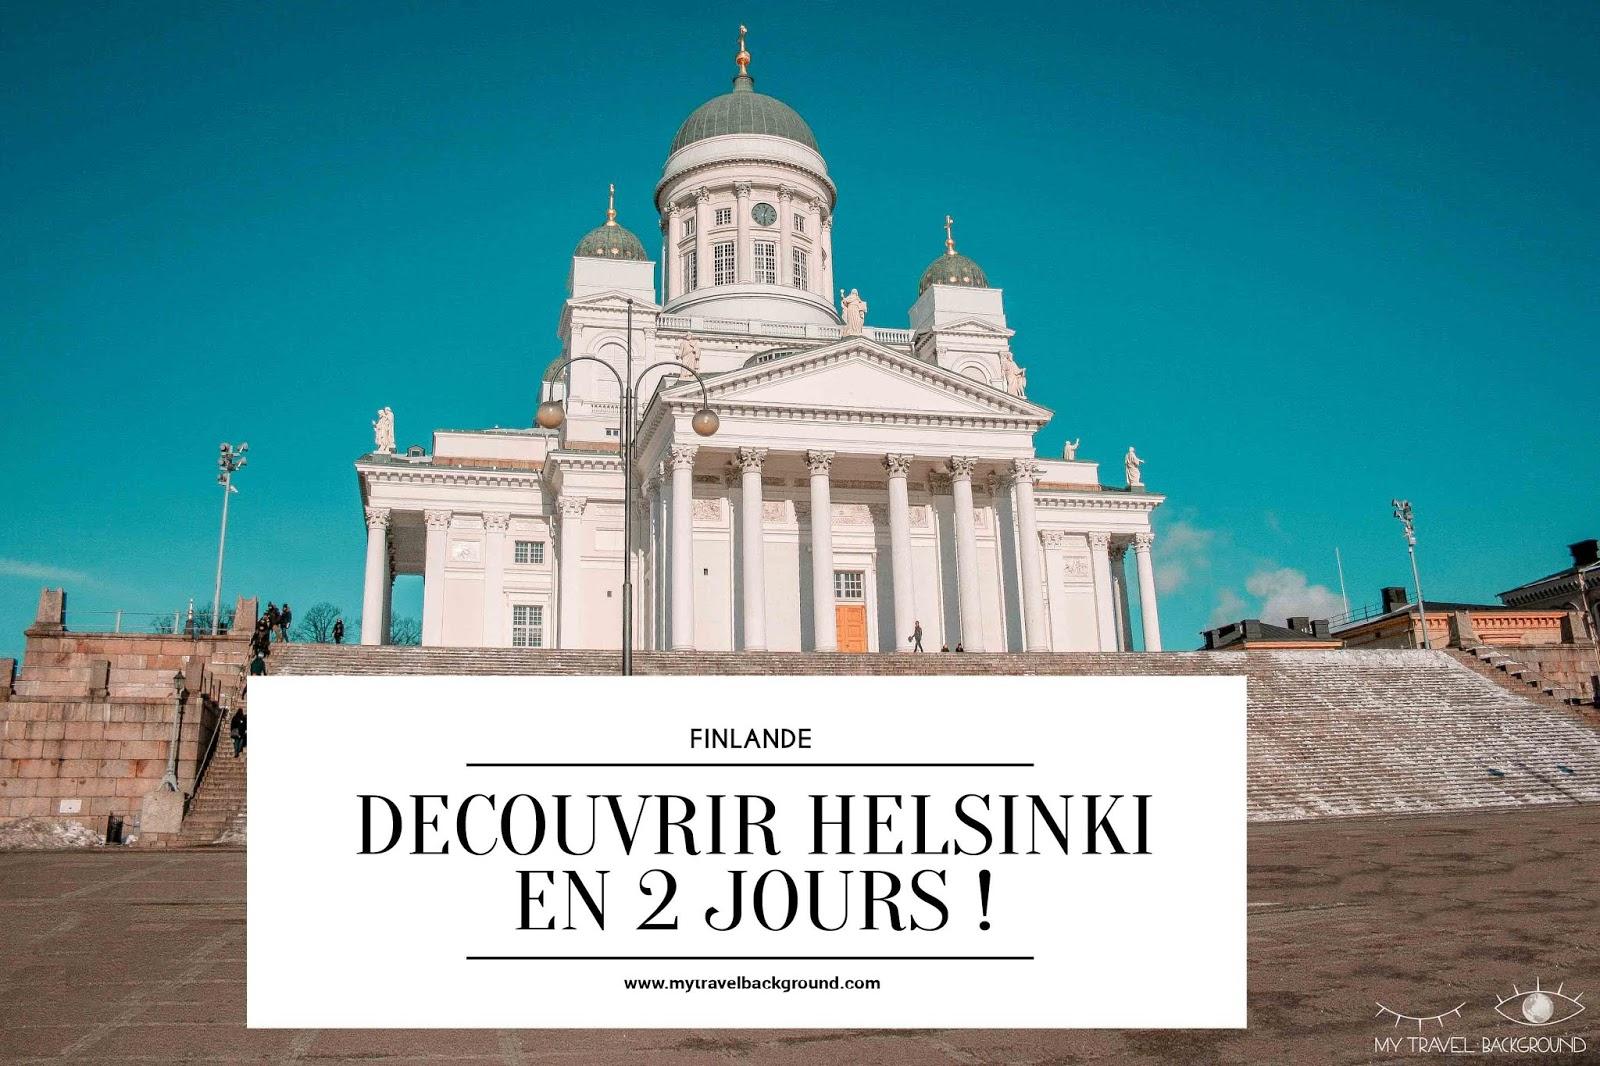 2 jours pour découvrir HELSINKI, la capitale de la FINLANDE